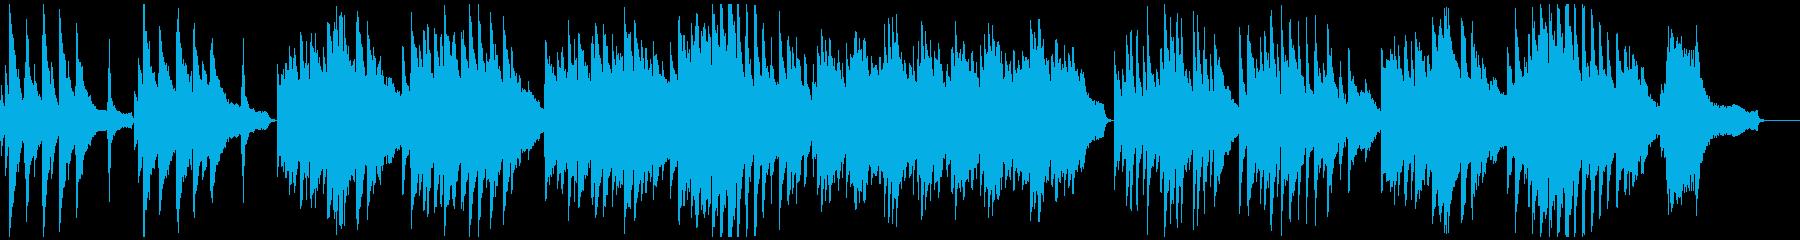 劇的ビフォーアフターのオマージュ・ピアノの再生済みの波形